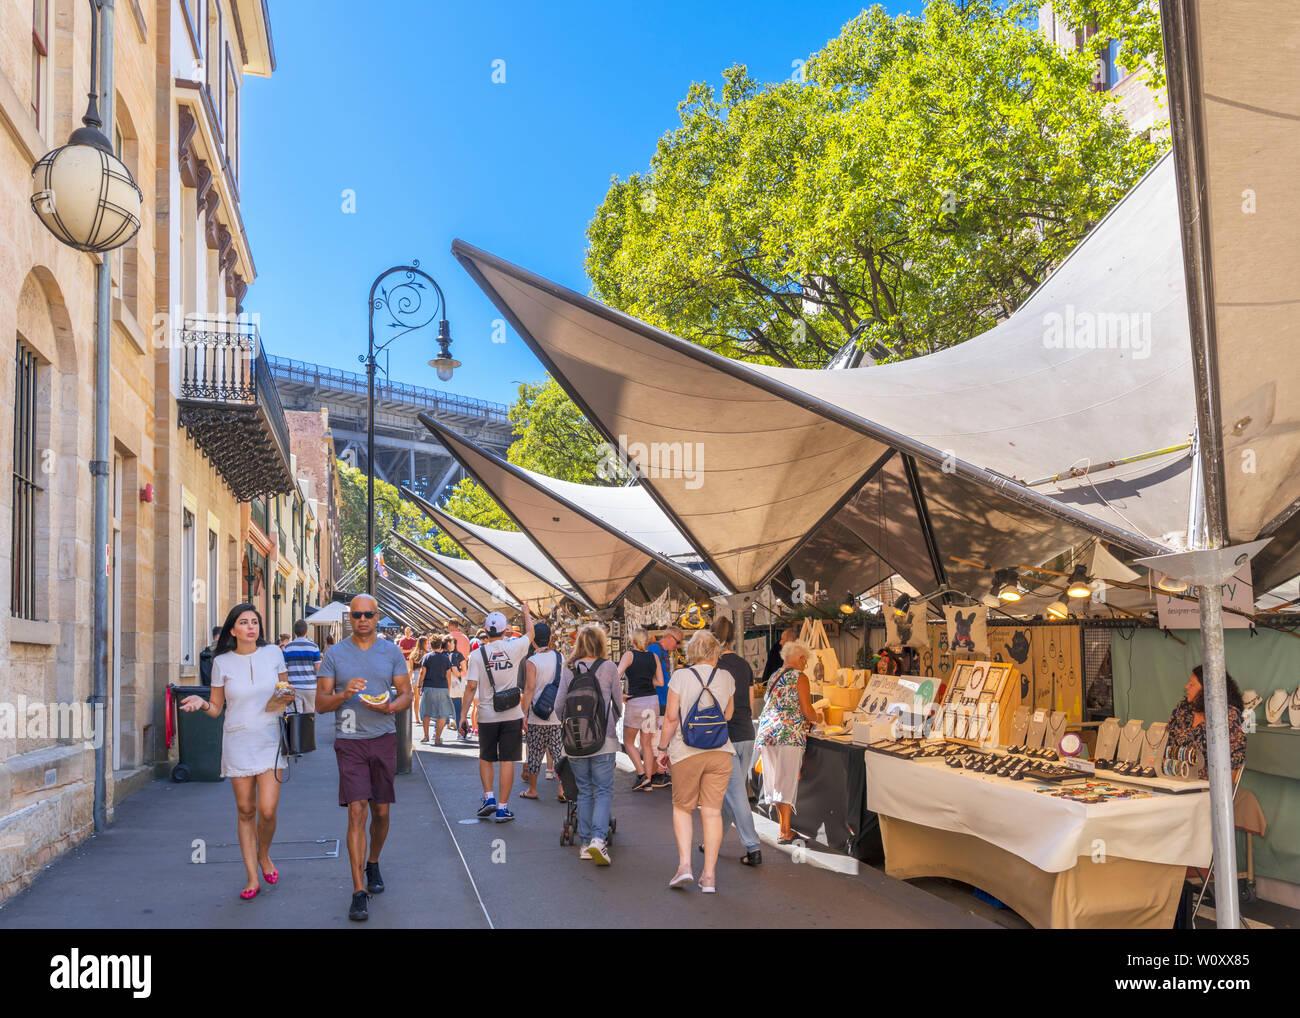 Marché le dimanche sur George Street dans le quartier The Rocks, Sydney, New South Wales, Australia Photo Stock